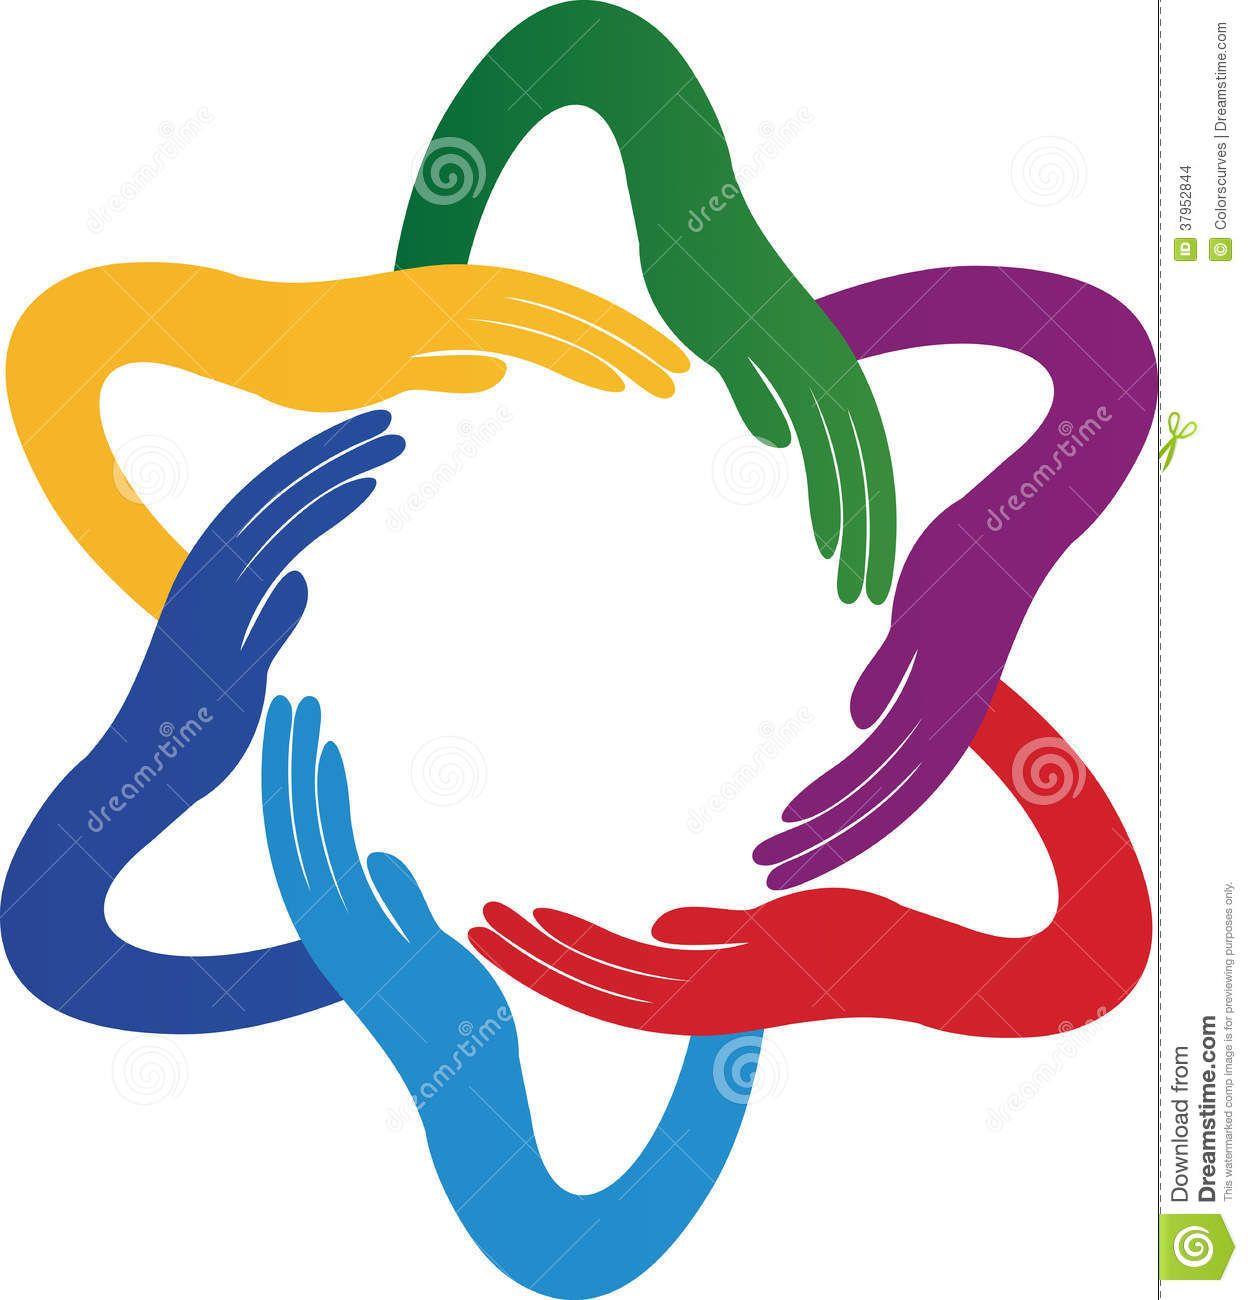 Unity logo clipart